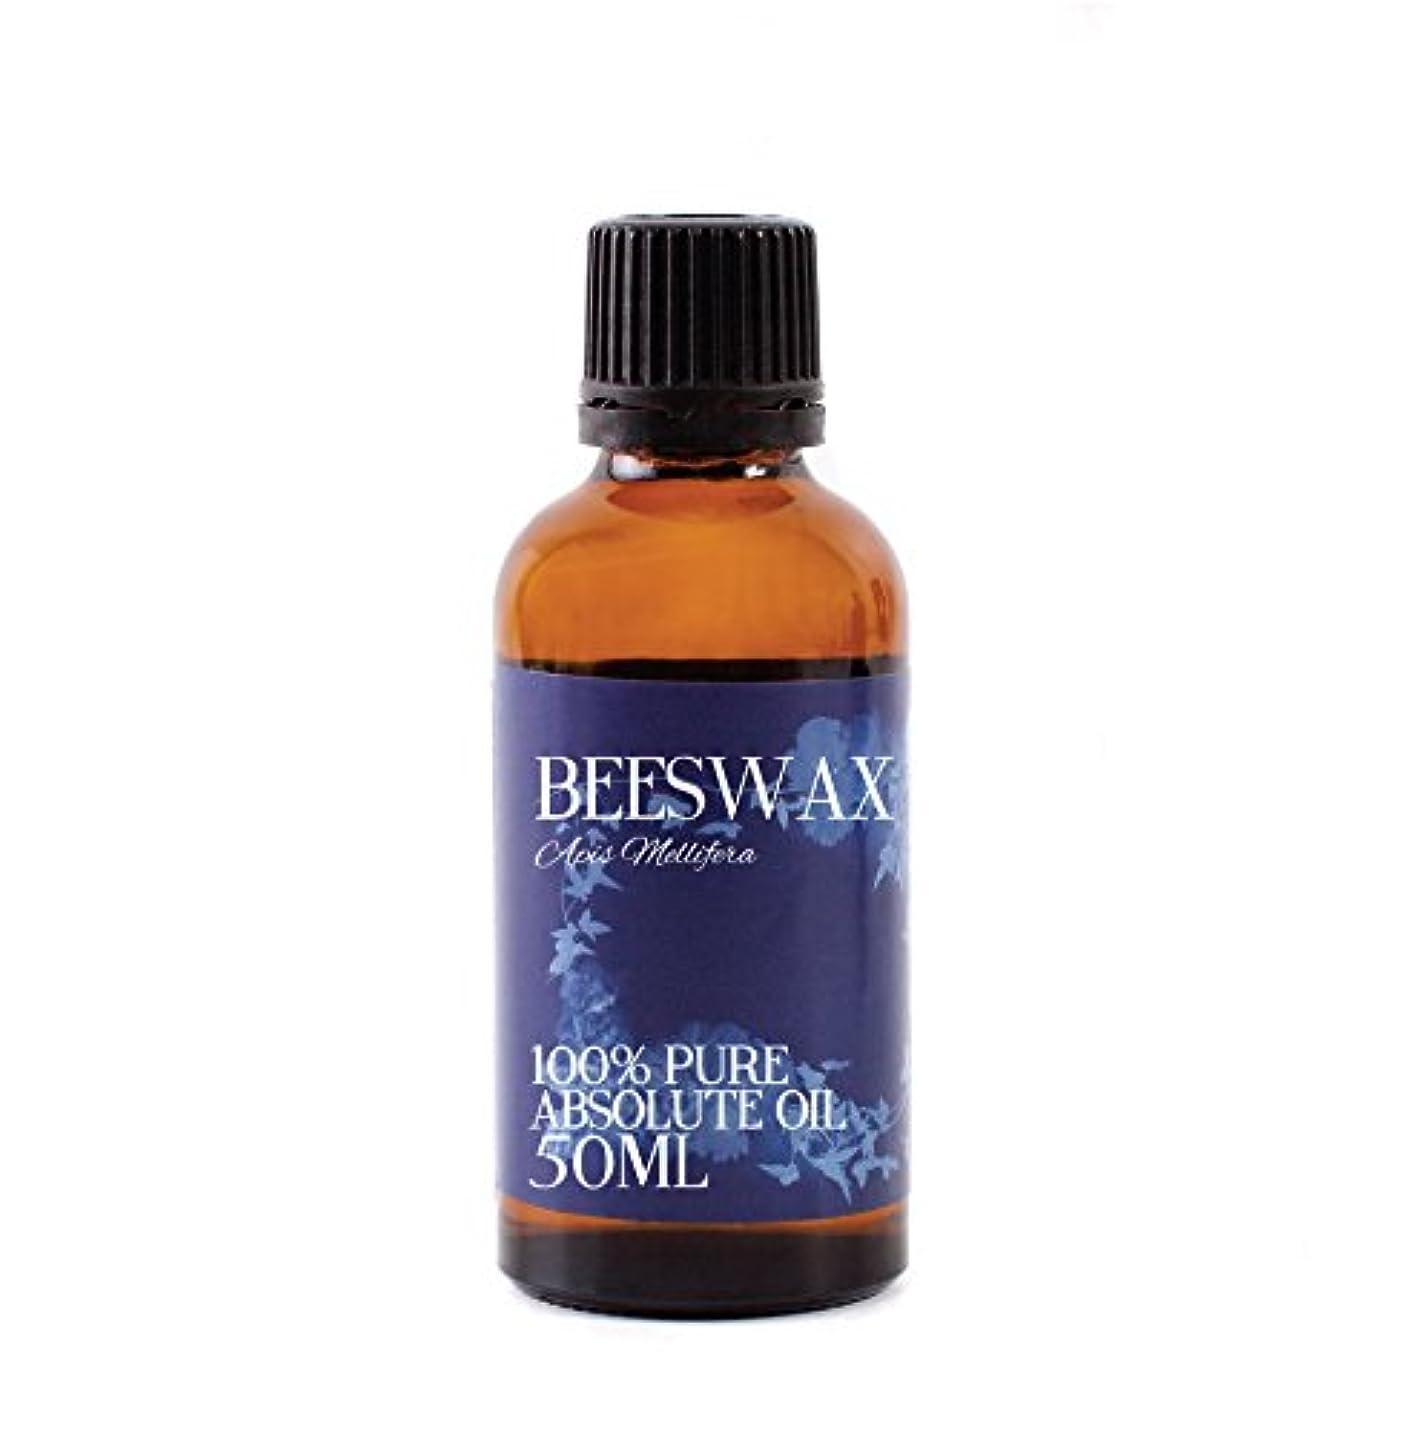 前スロー疾患Beeswax Absolute Oil 50ml - 100% Pure